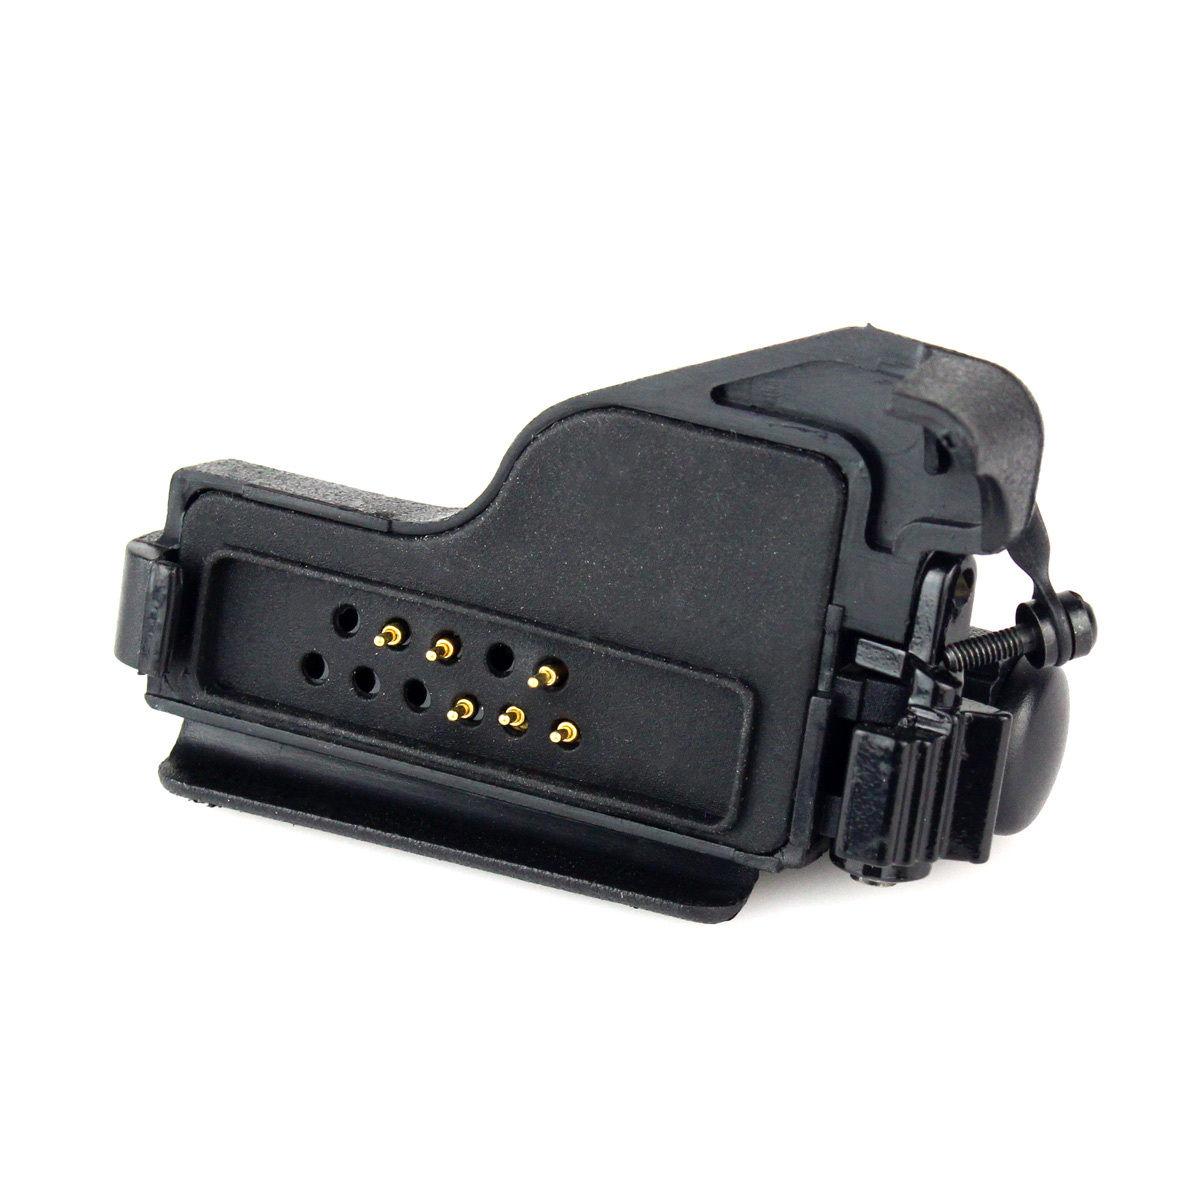 Adaptateur Audio pour Motorola HT1000/MTS2000/XTS5000 GP900 CLS1110 à 2 broches 3.5mm/2.5mm GP300 GP88S Radio Portative - ANKUX Tech Co., Ltd